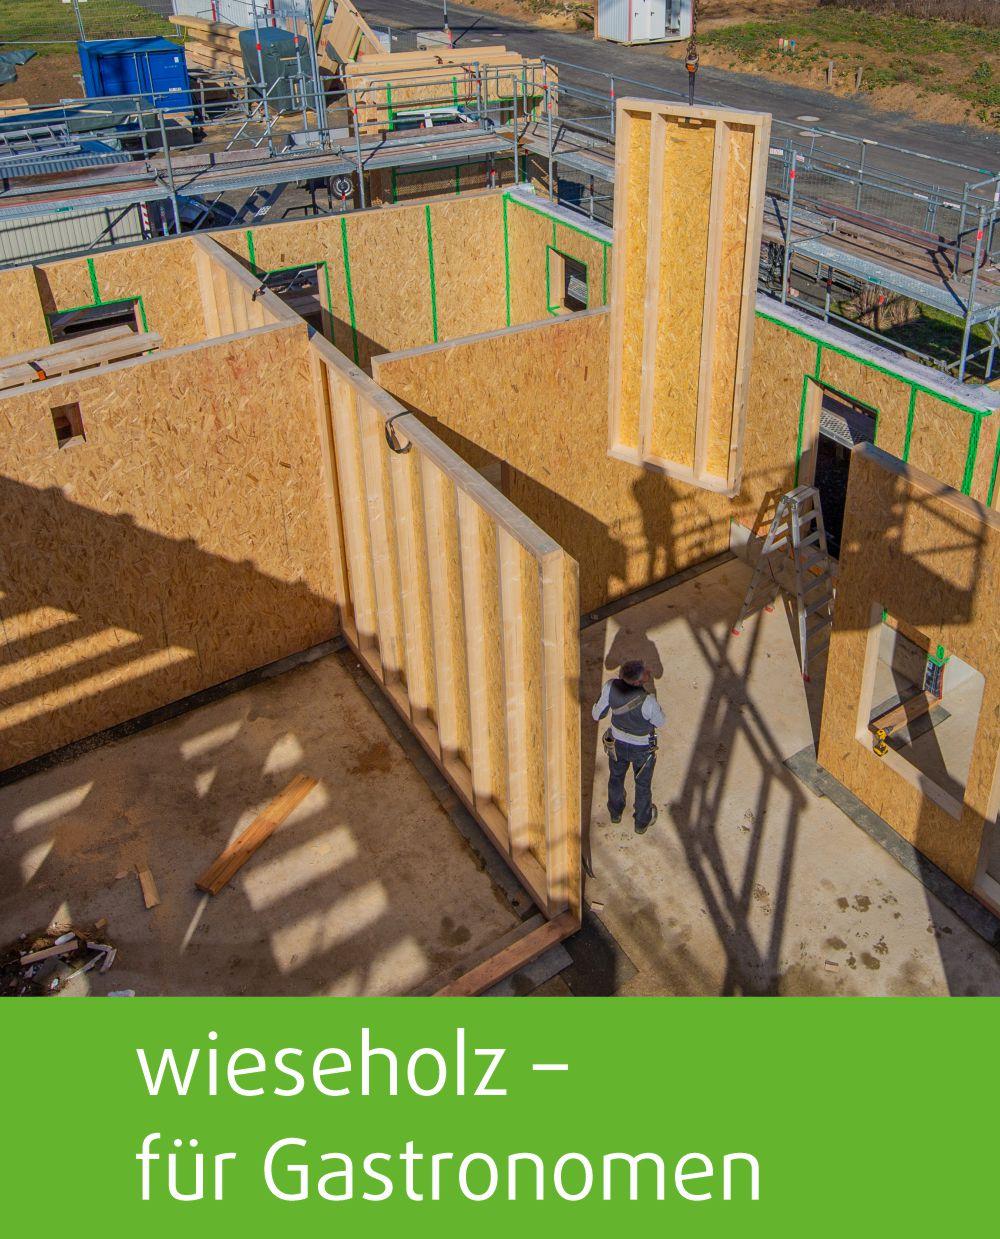 wieseholz_projekte_holzbau_nrw_002_xs